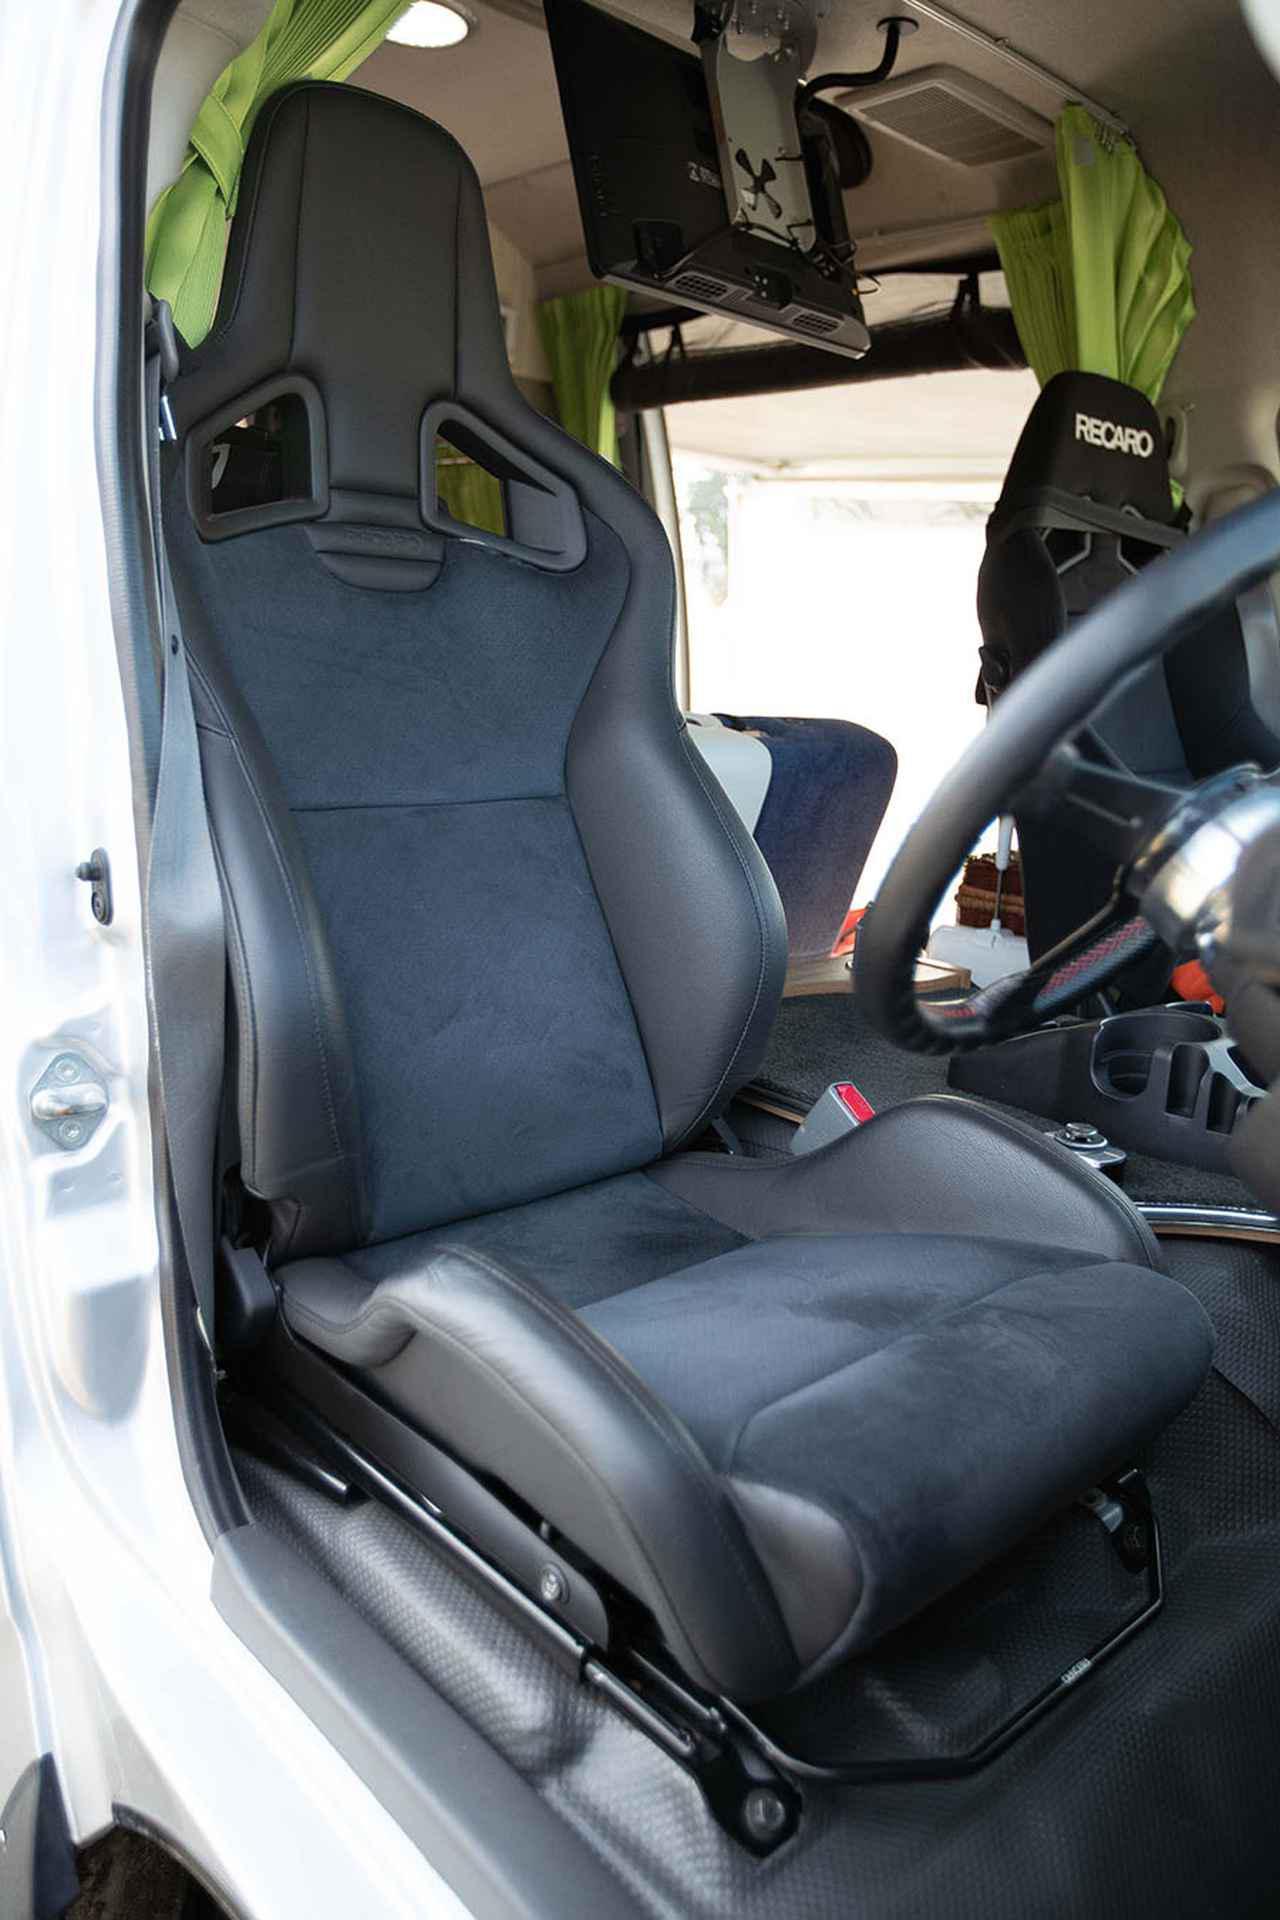 画像2: 運転席はレーシーな装い